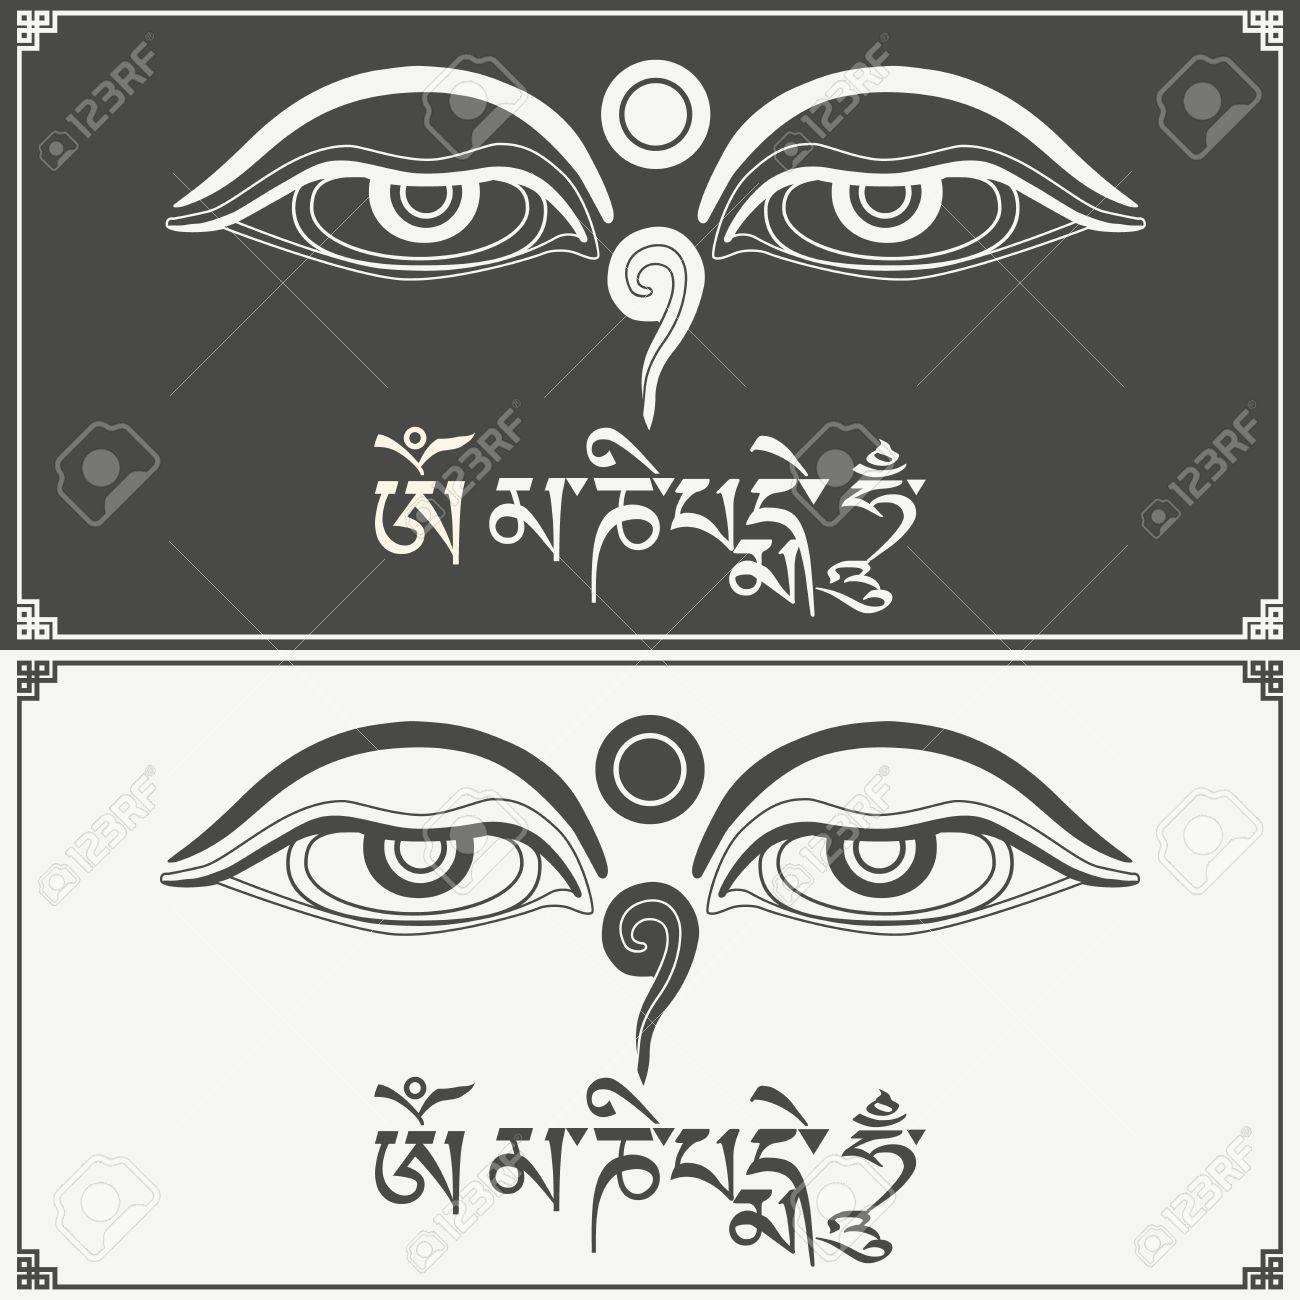 Eyes Of Buddha With Mantra Om Mani Padme Hum Buddhas Eyes